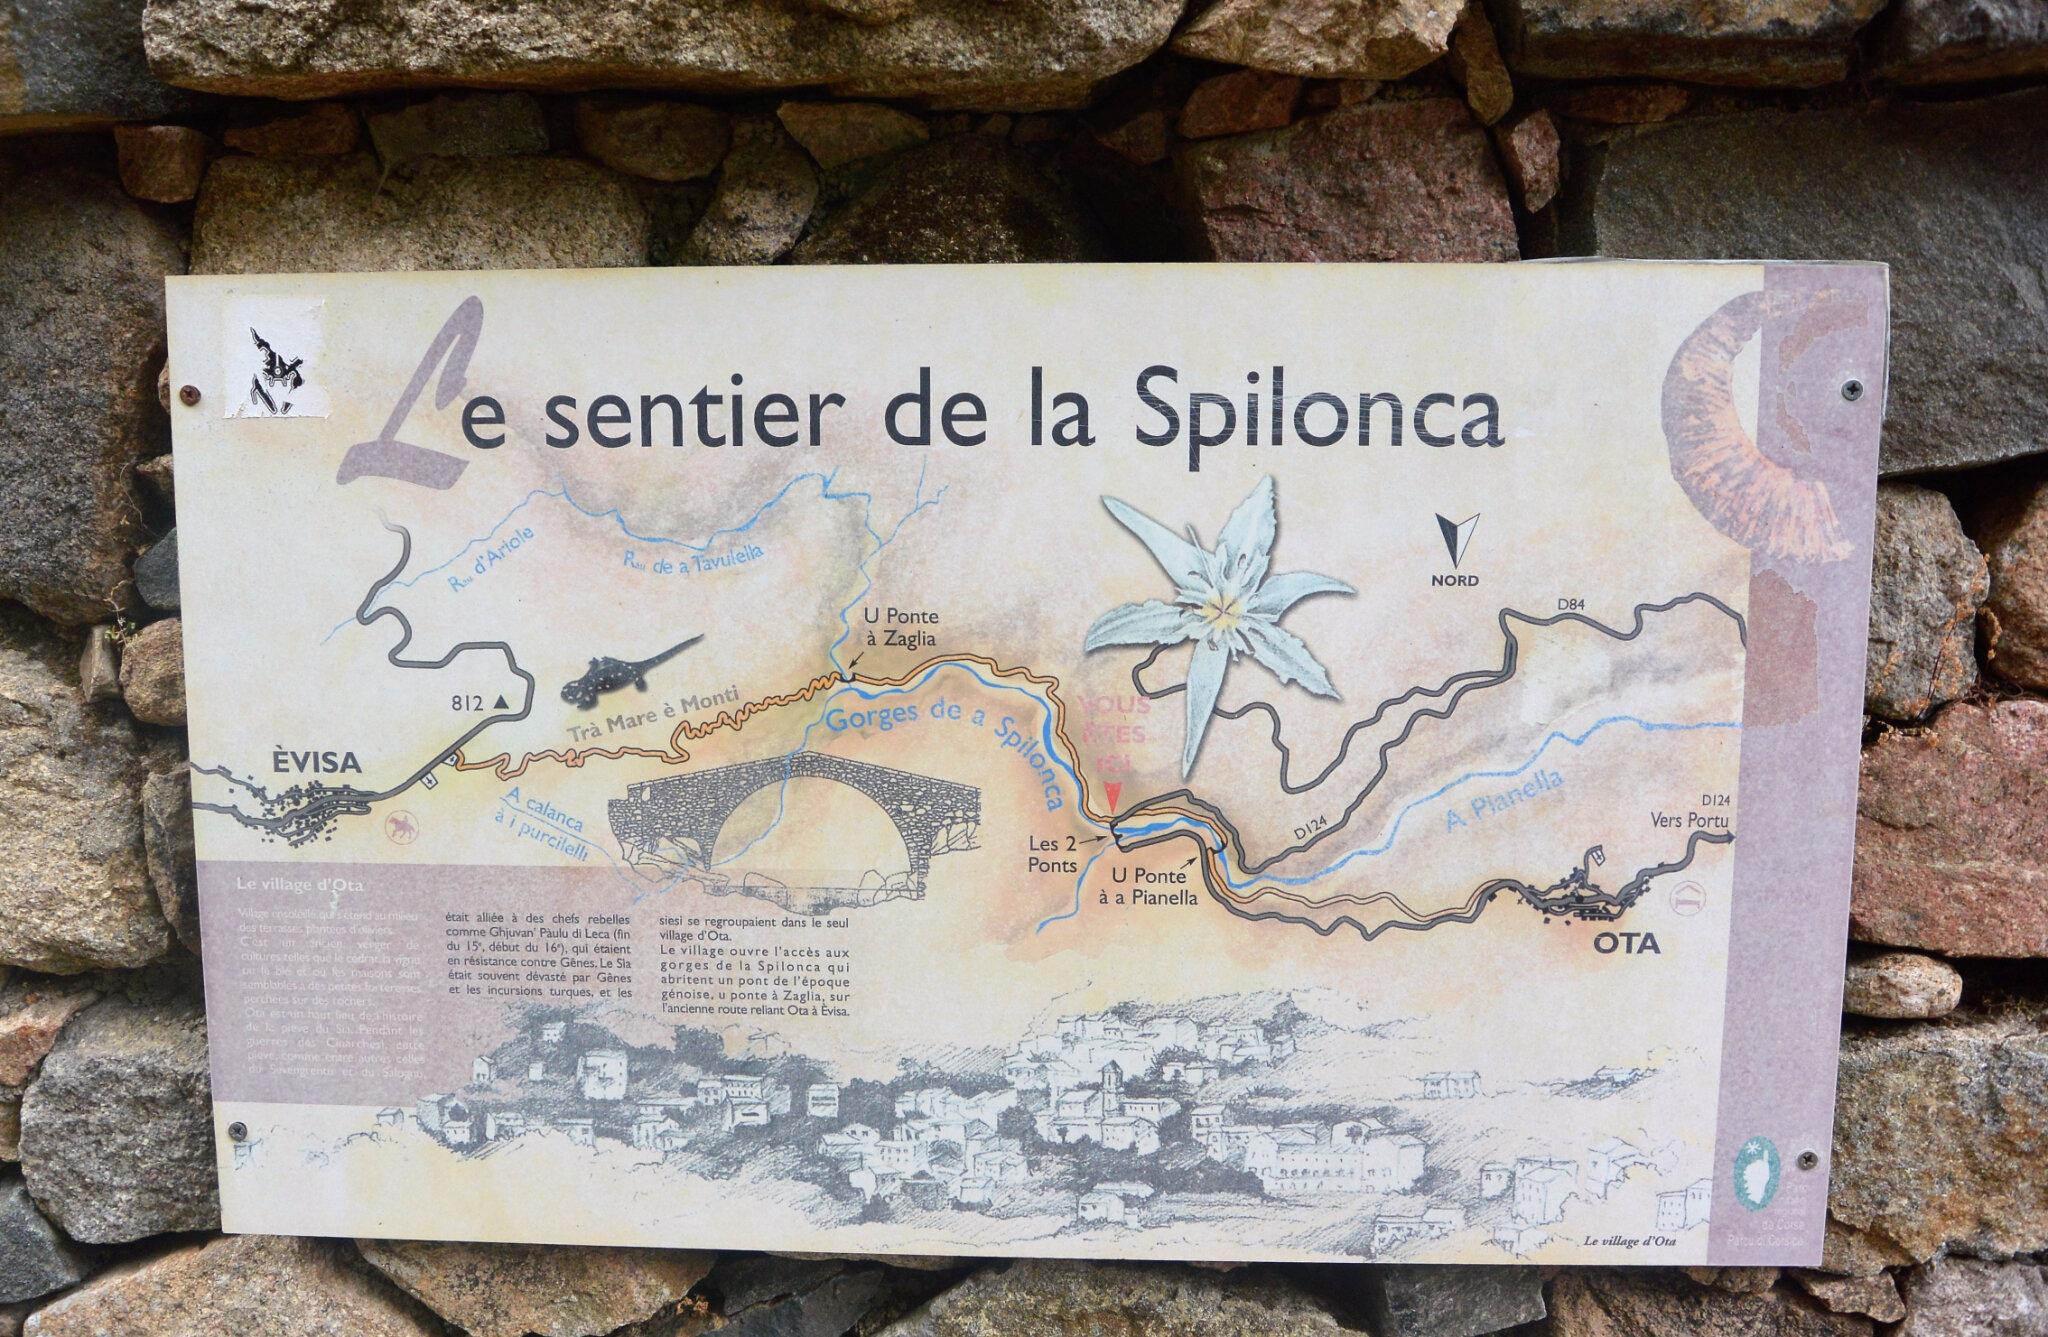 18/06/2017 – Gorges de la Spelunca